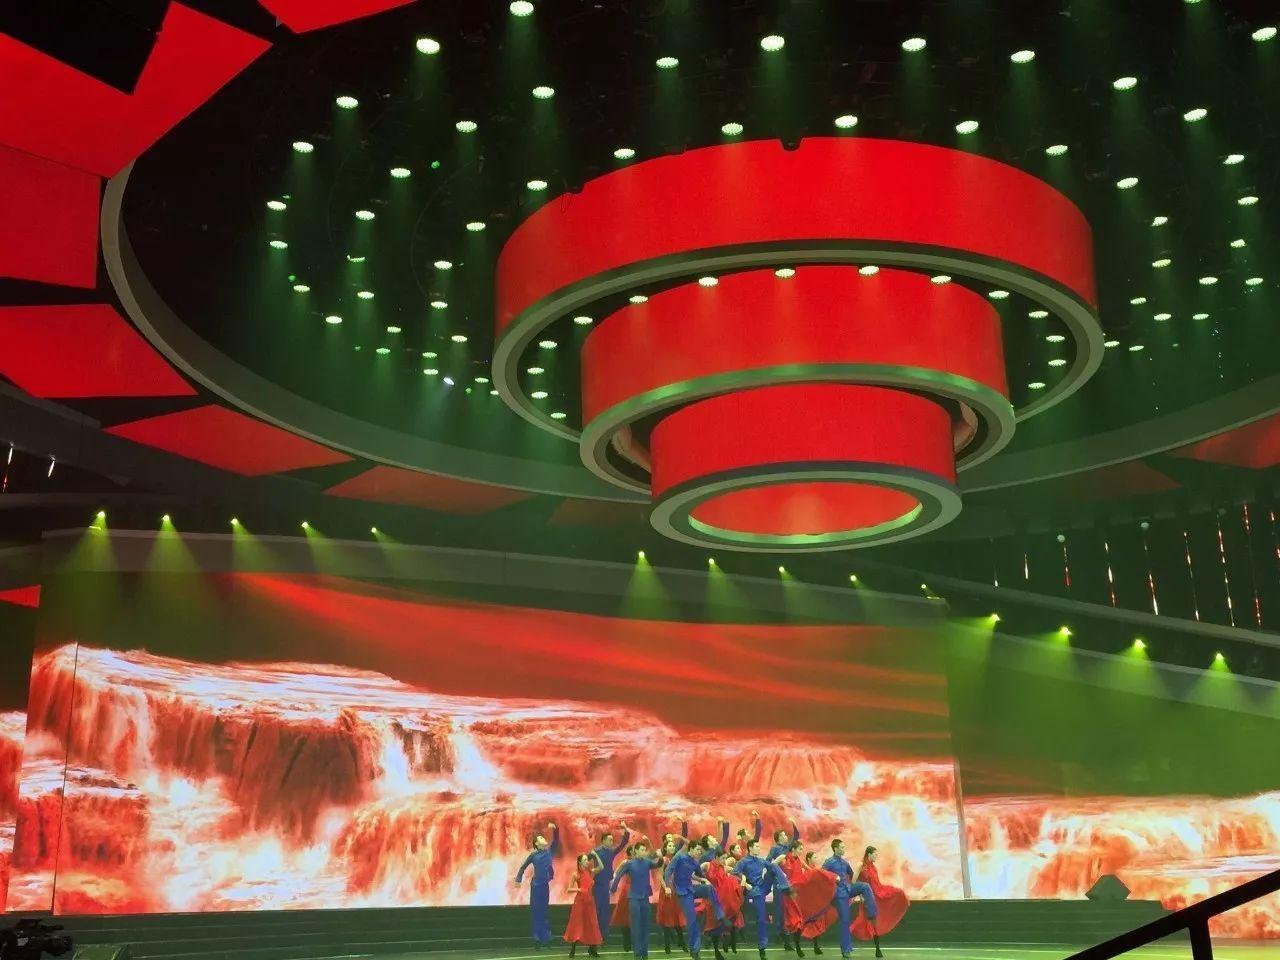 [预告]中国梦·祖国颂 | 恺撒堡献瑞迎国庆,吴牧野《我的祖国》述爱国